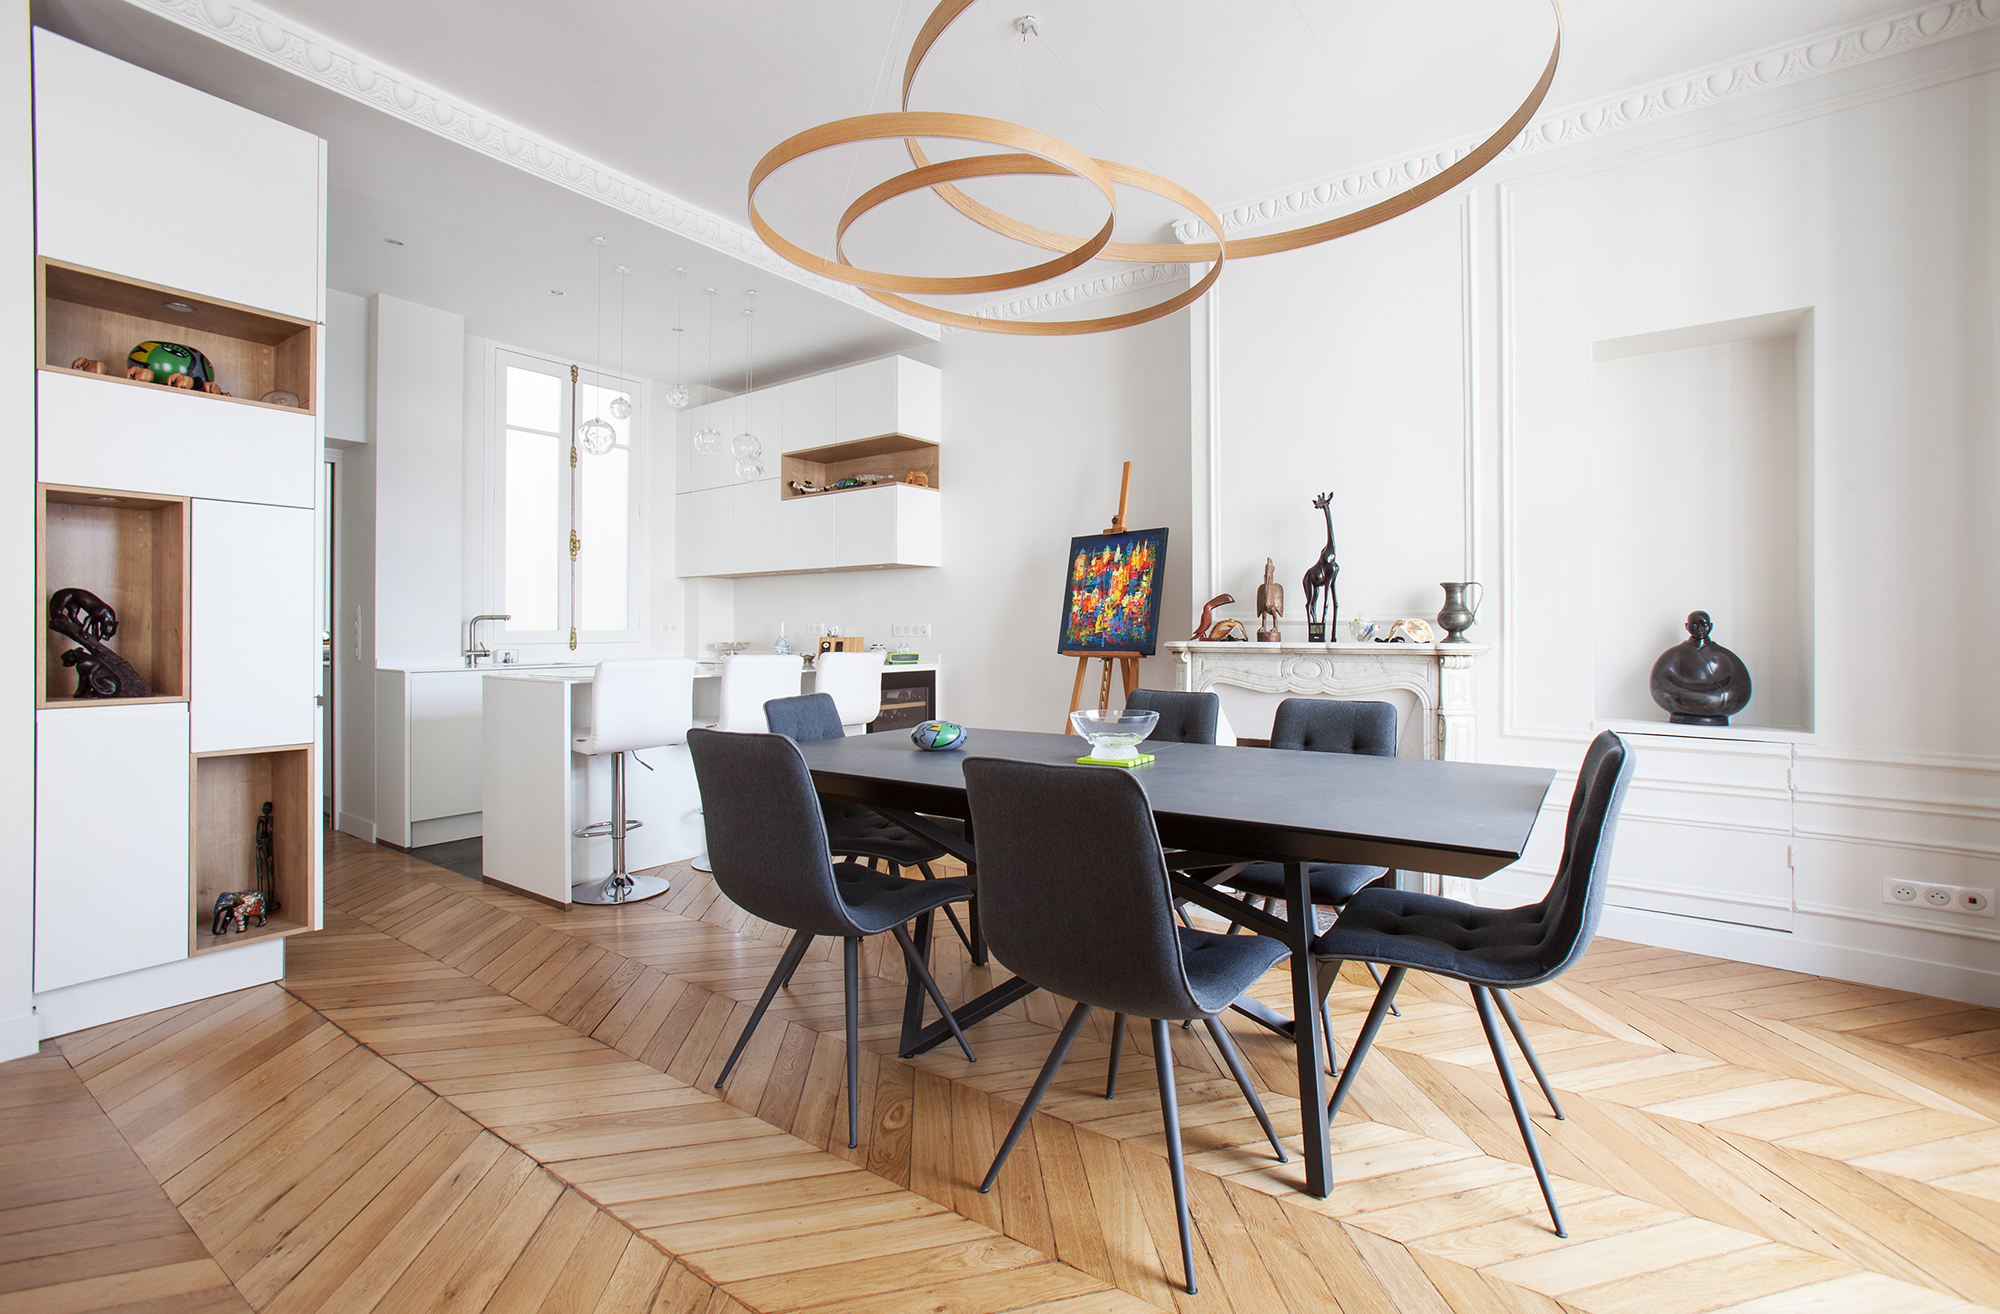 Cuisine ouverte salle à manger meuble sur mesure